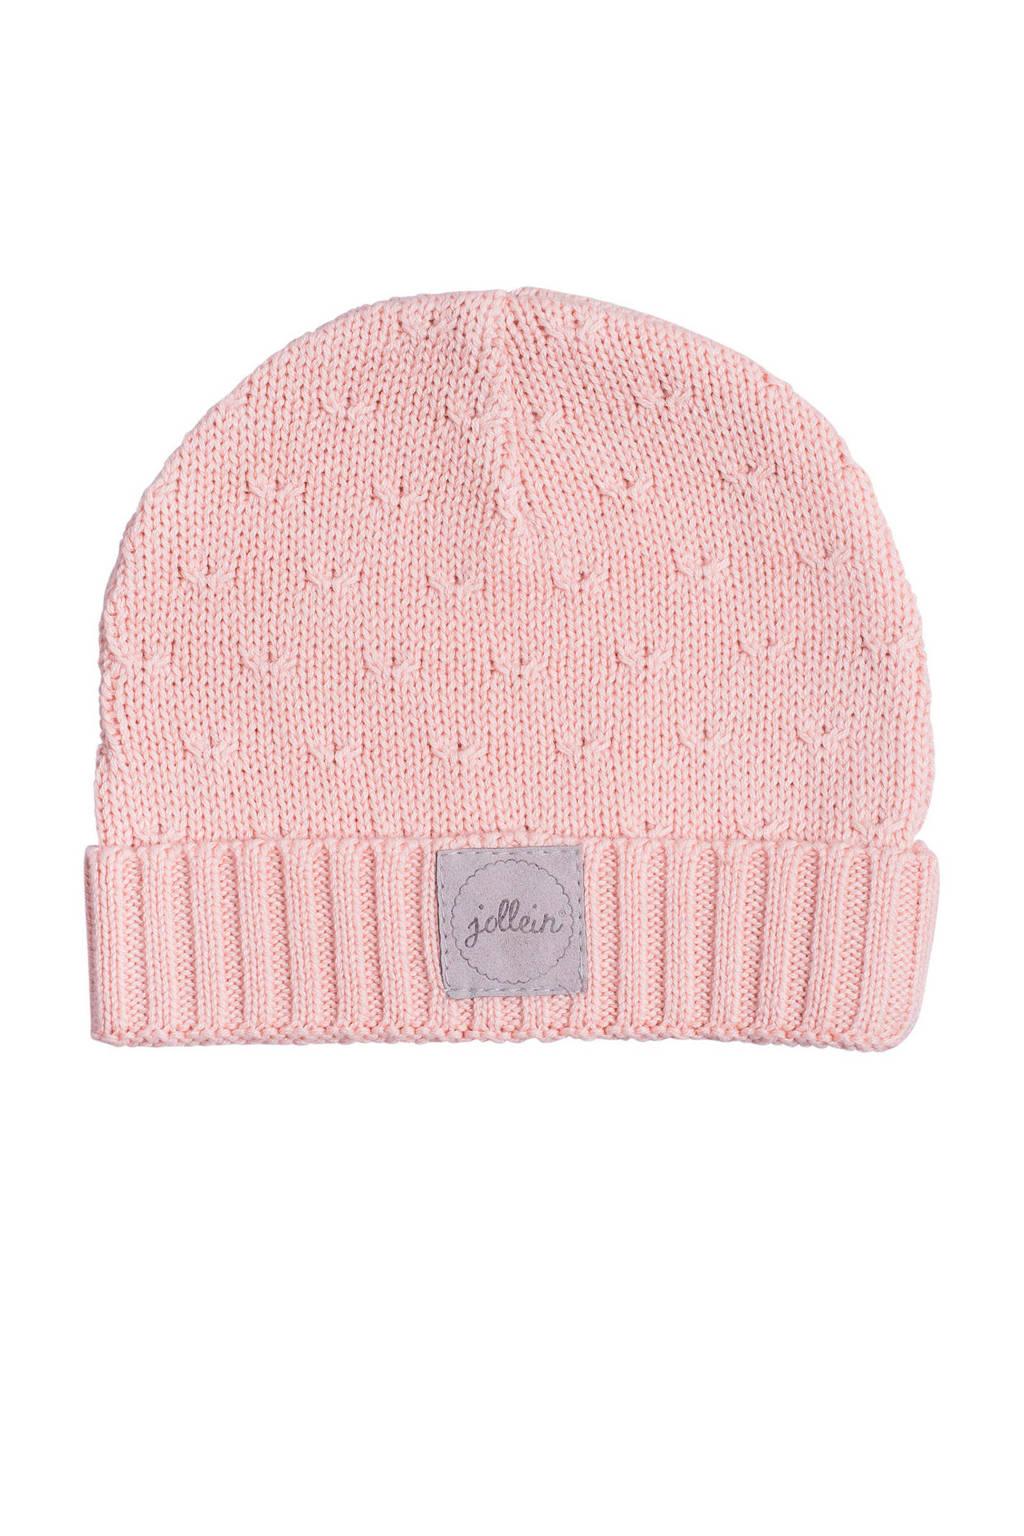 Jollein soft knit mutsje 2-9 mnd creamy peach, Roze